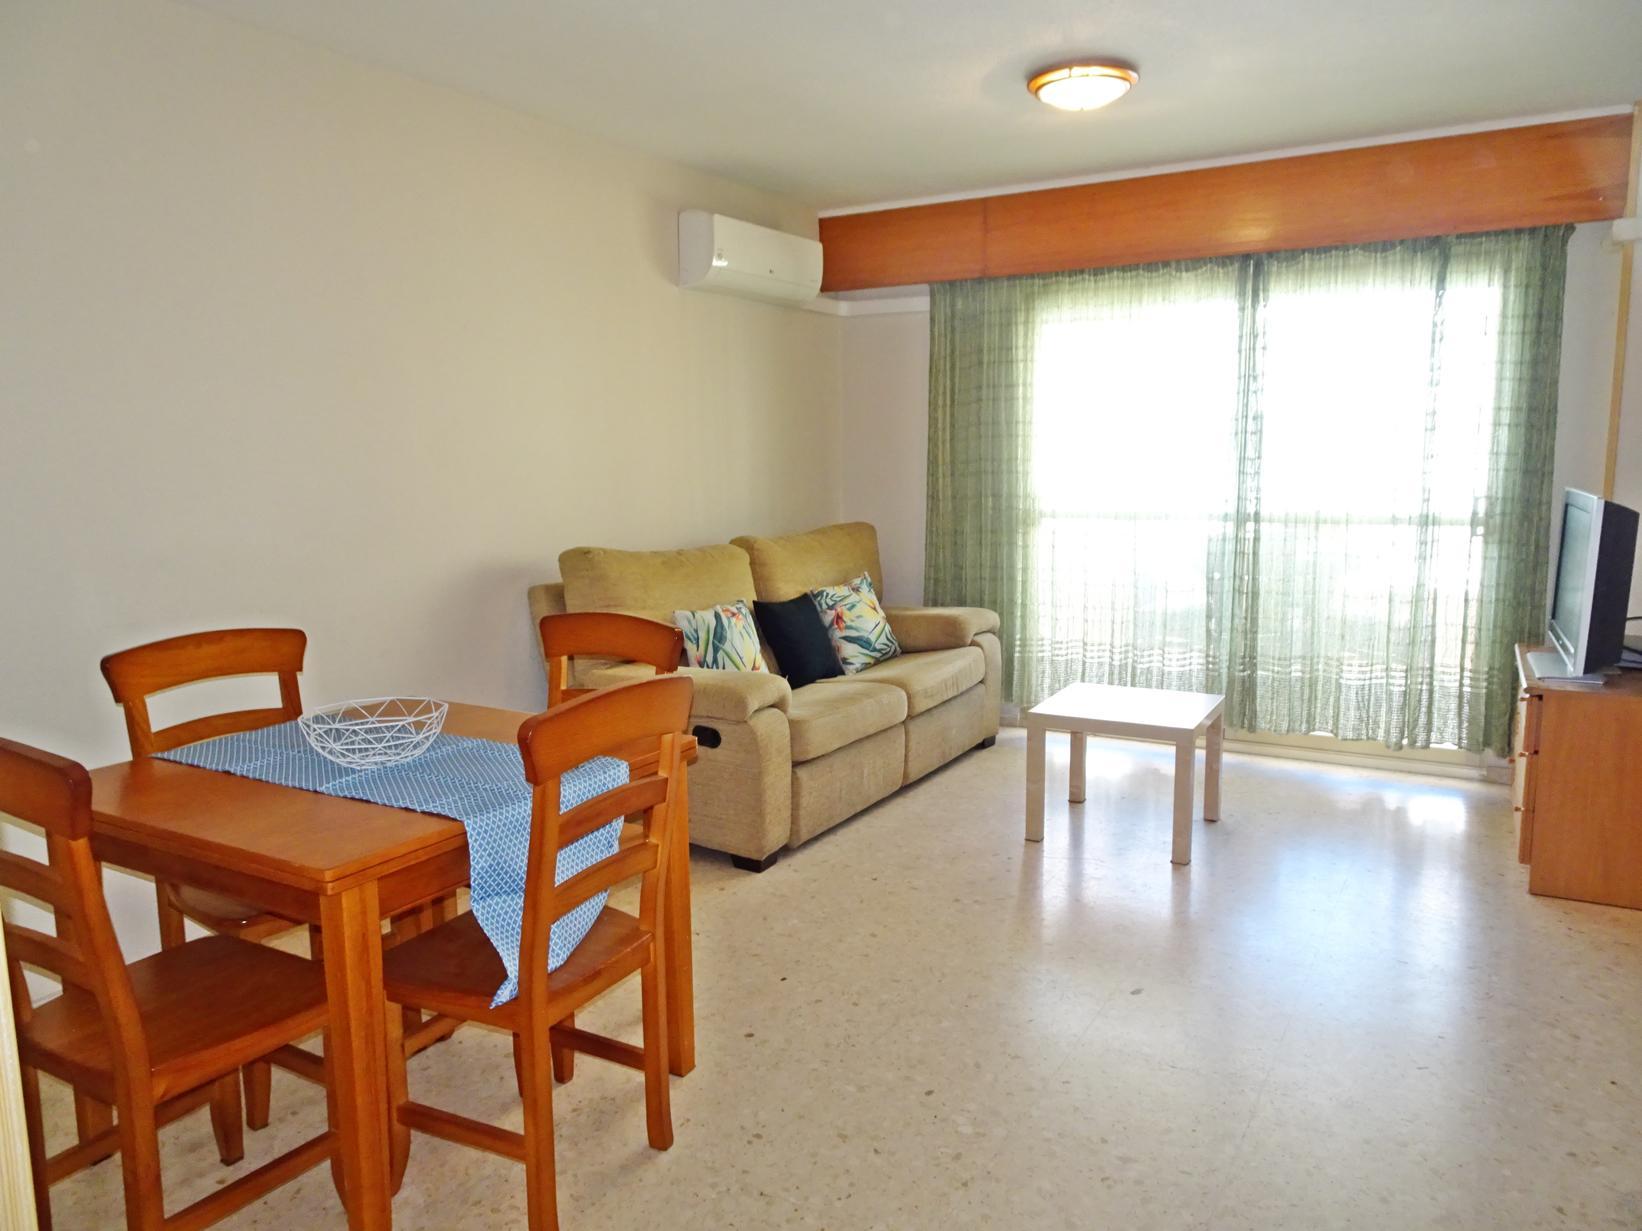 Apartamento -                                       Gandia -                                       2 dormitorios -                                       5 ocupantes